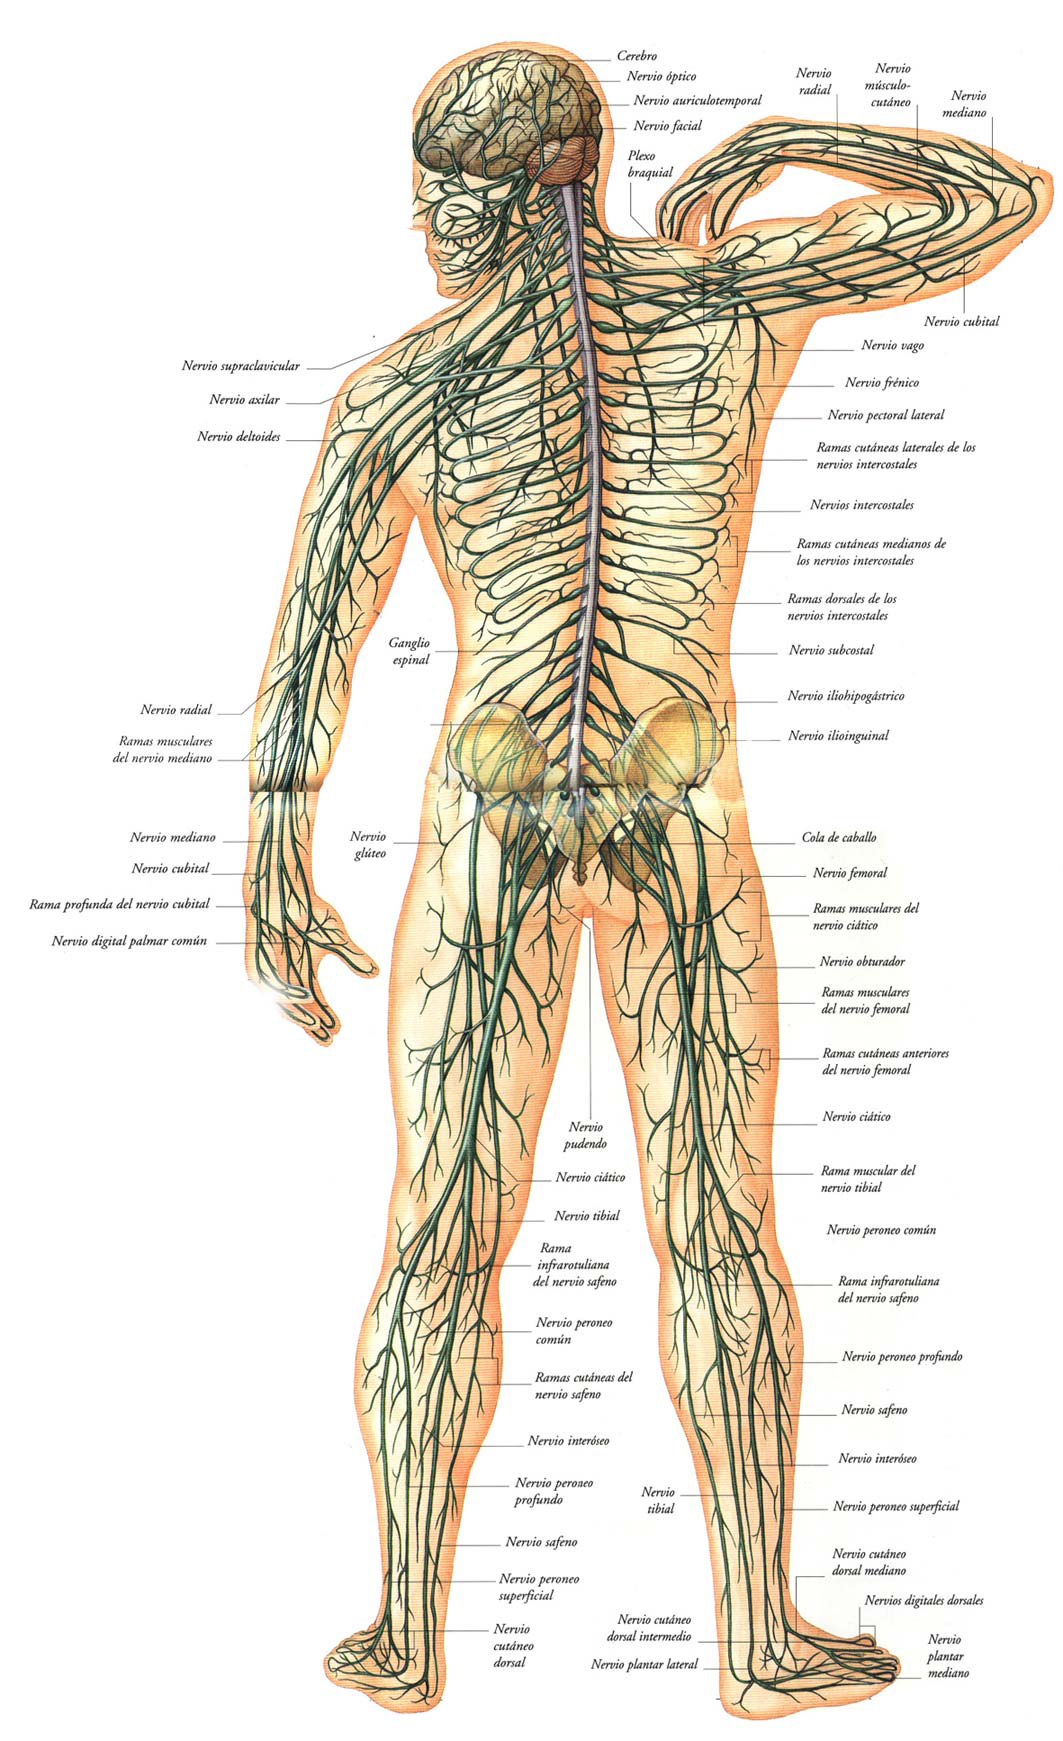 Sistema Nervioso - Funciones, partes y enfermedades.